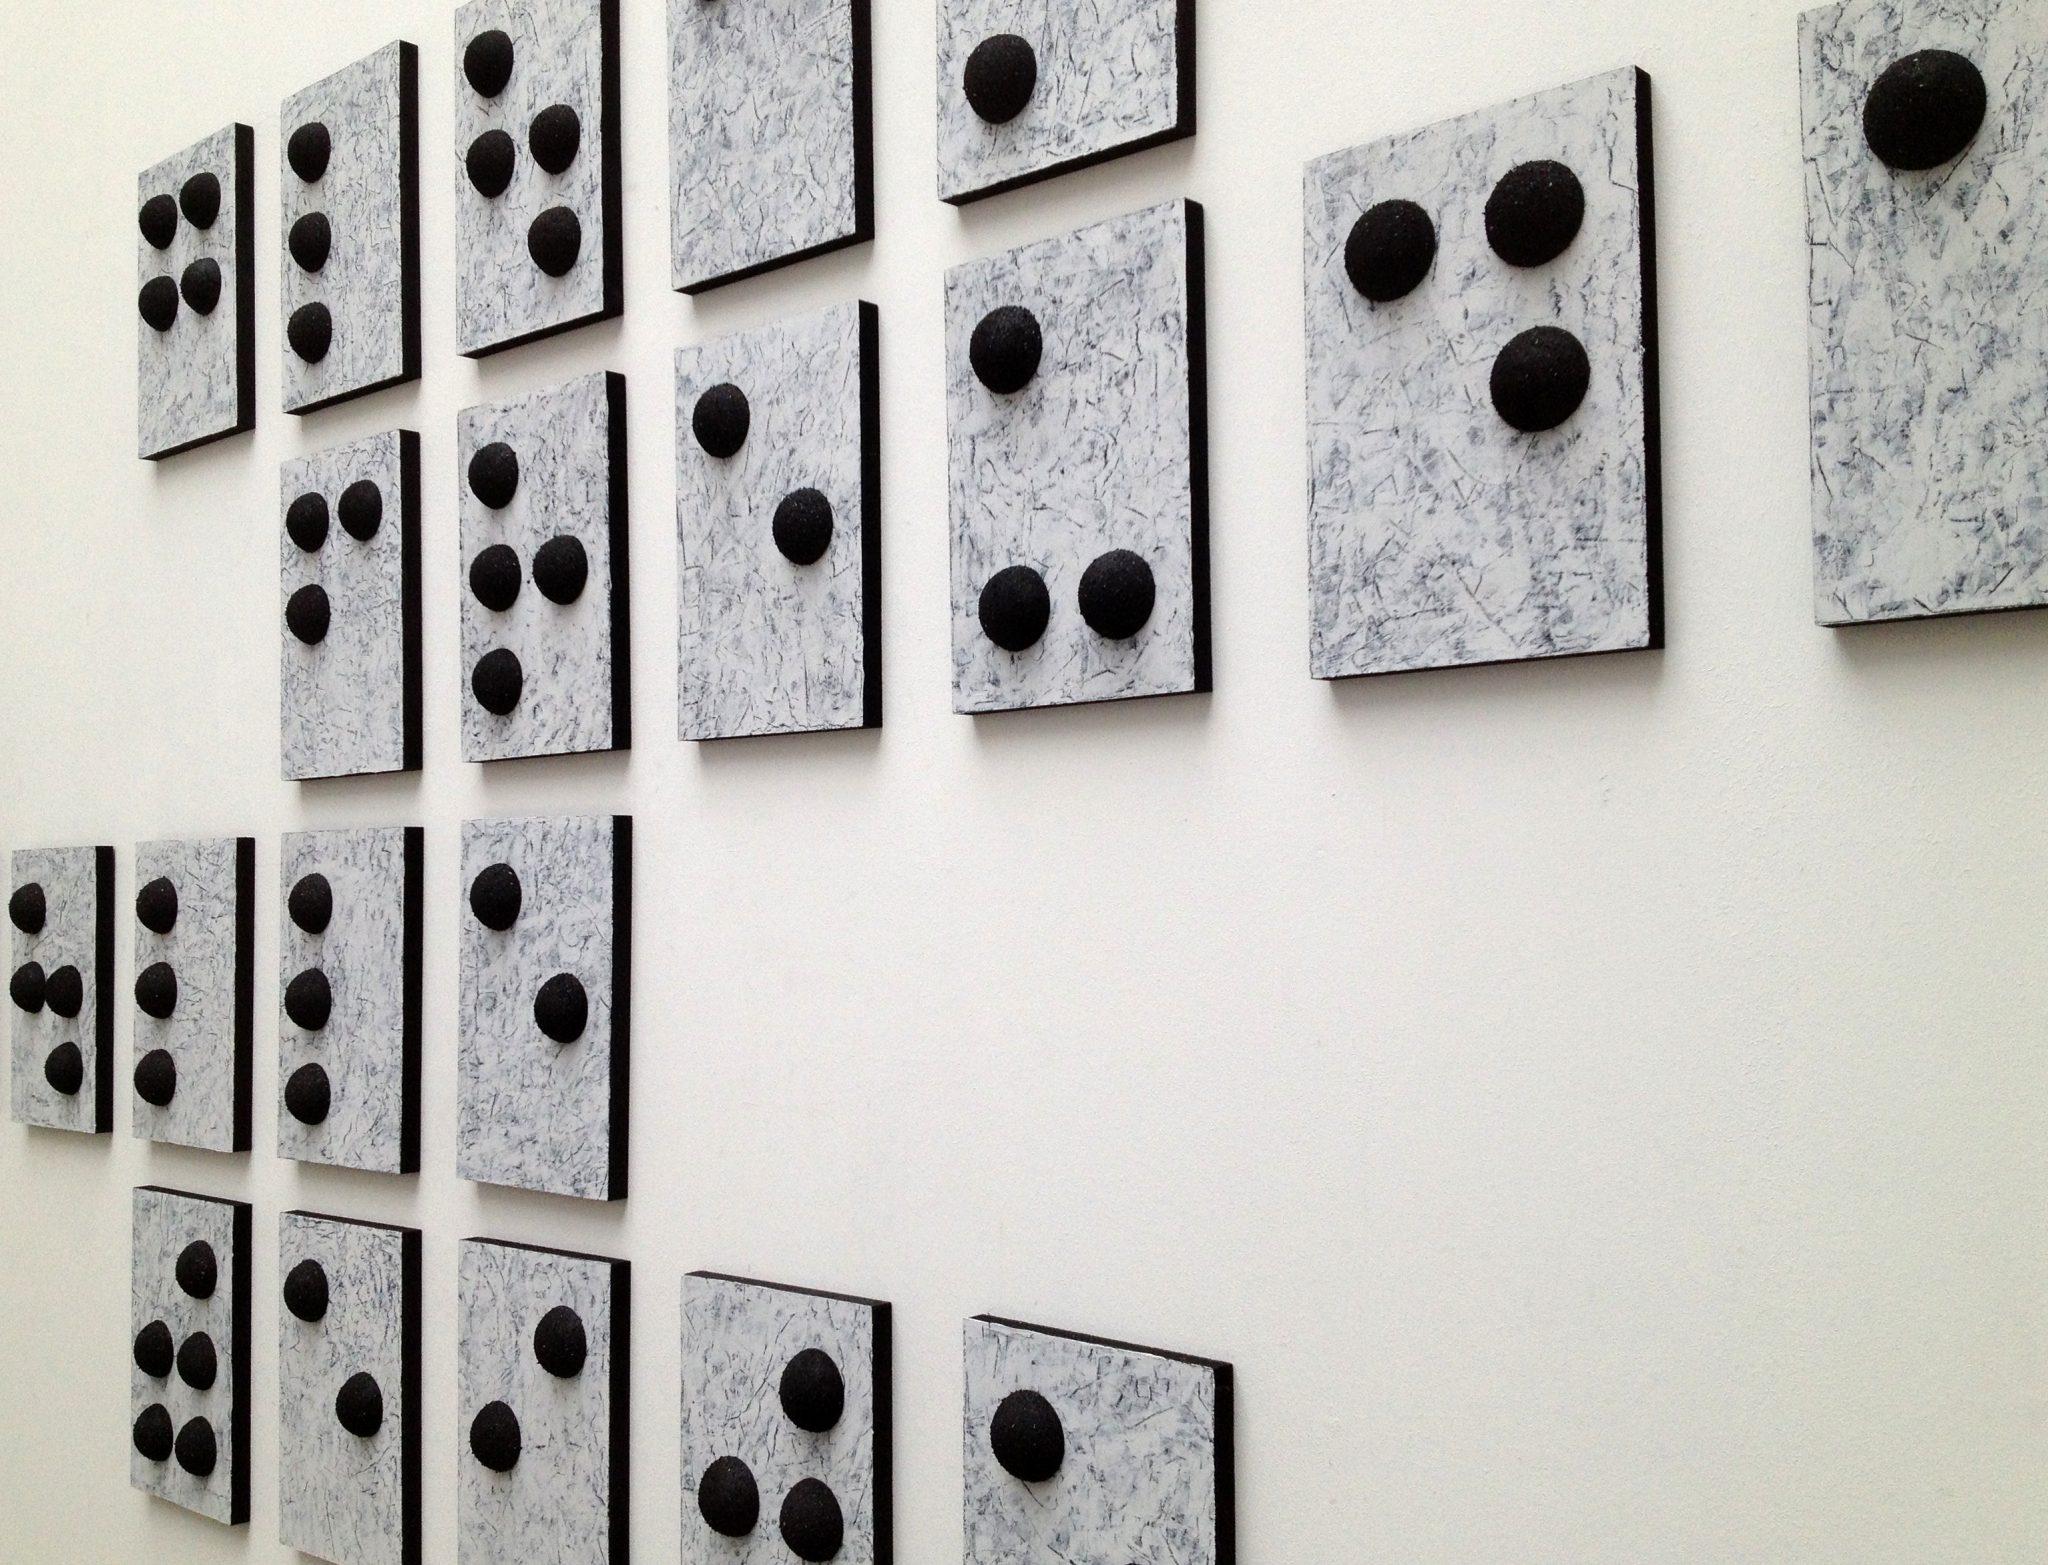 Wandobjekte in Anlehnung an Morsezeichen und der Blindenschrift.